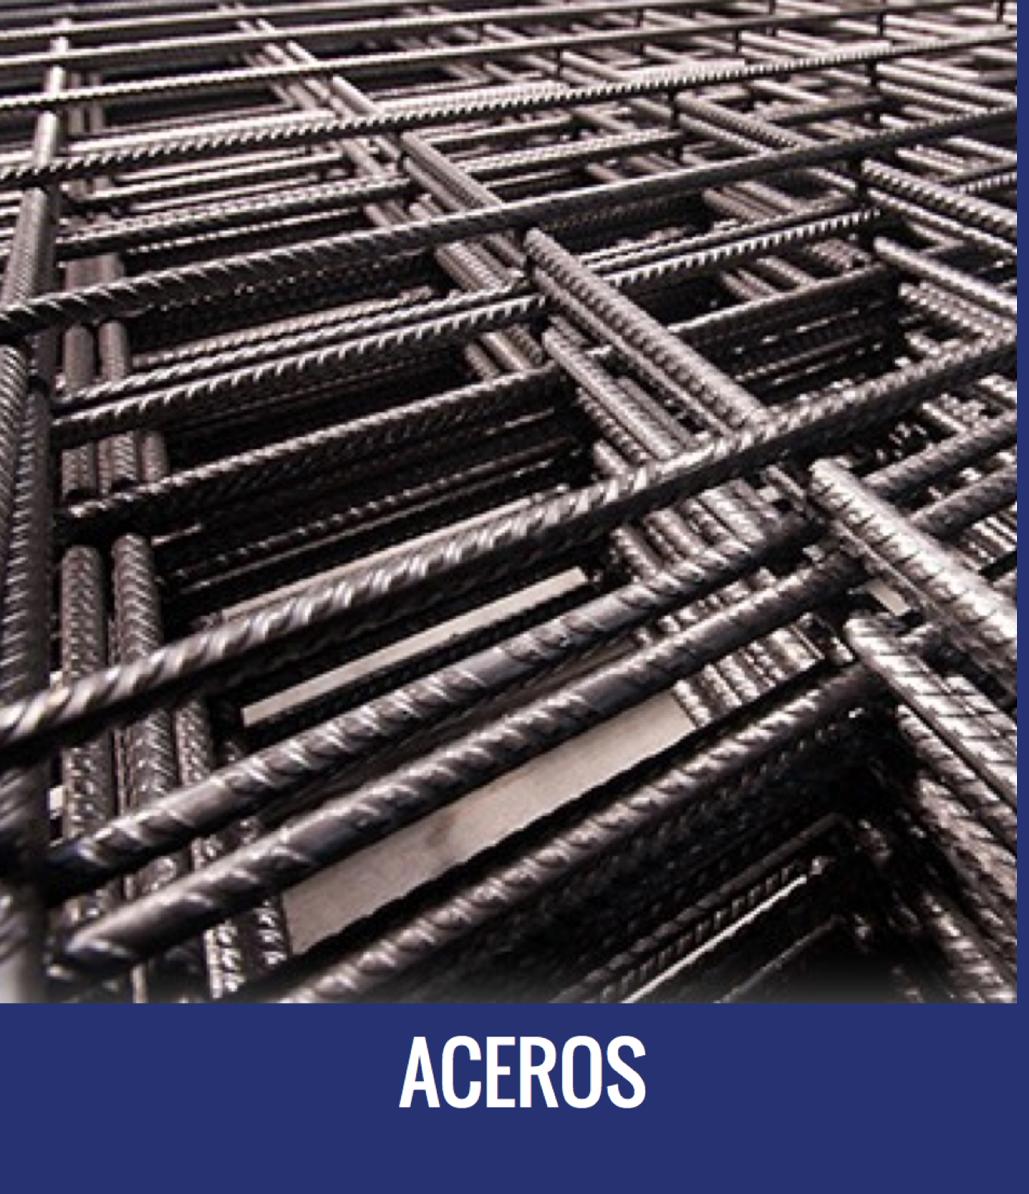 ACEROS-2